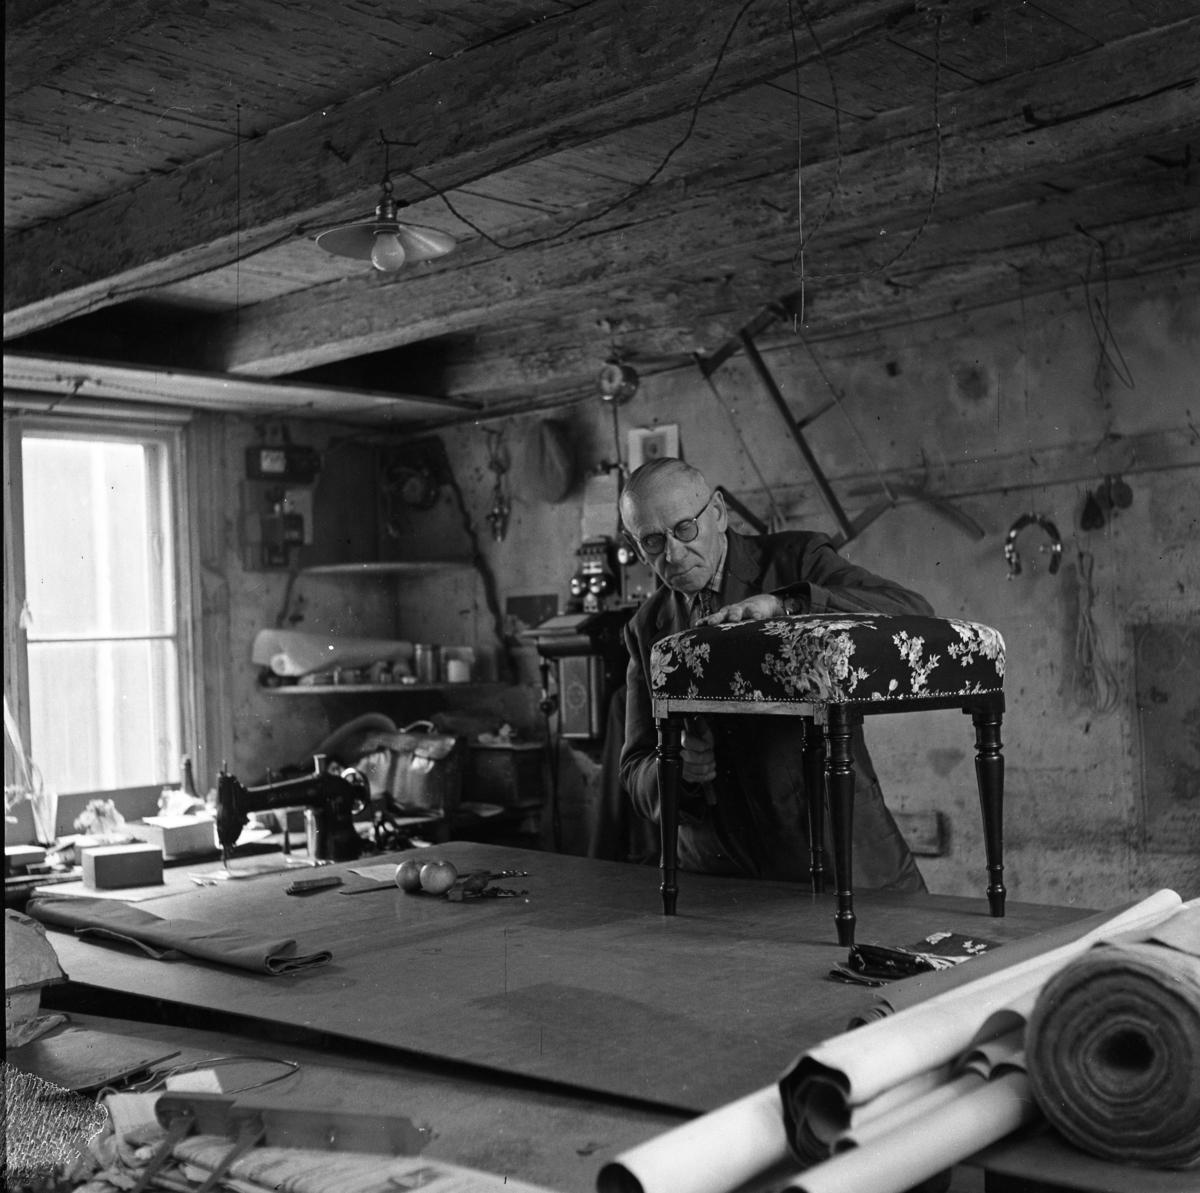 Tapetserare Fritz Lindkvist i sin verkstad i en dal av Fahlströmska gården vid Ahllöfsgatan. Fritz Lindqvist etablerade sig här 1907. Han arbetar med en tygklädd pall som står på ett stort arbetsbord. En symaskin syns till vänster. På väggen bakom honom hänger en såg och en telefon. I taket hänger en skomakarlampa.